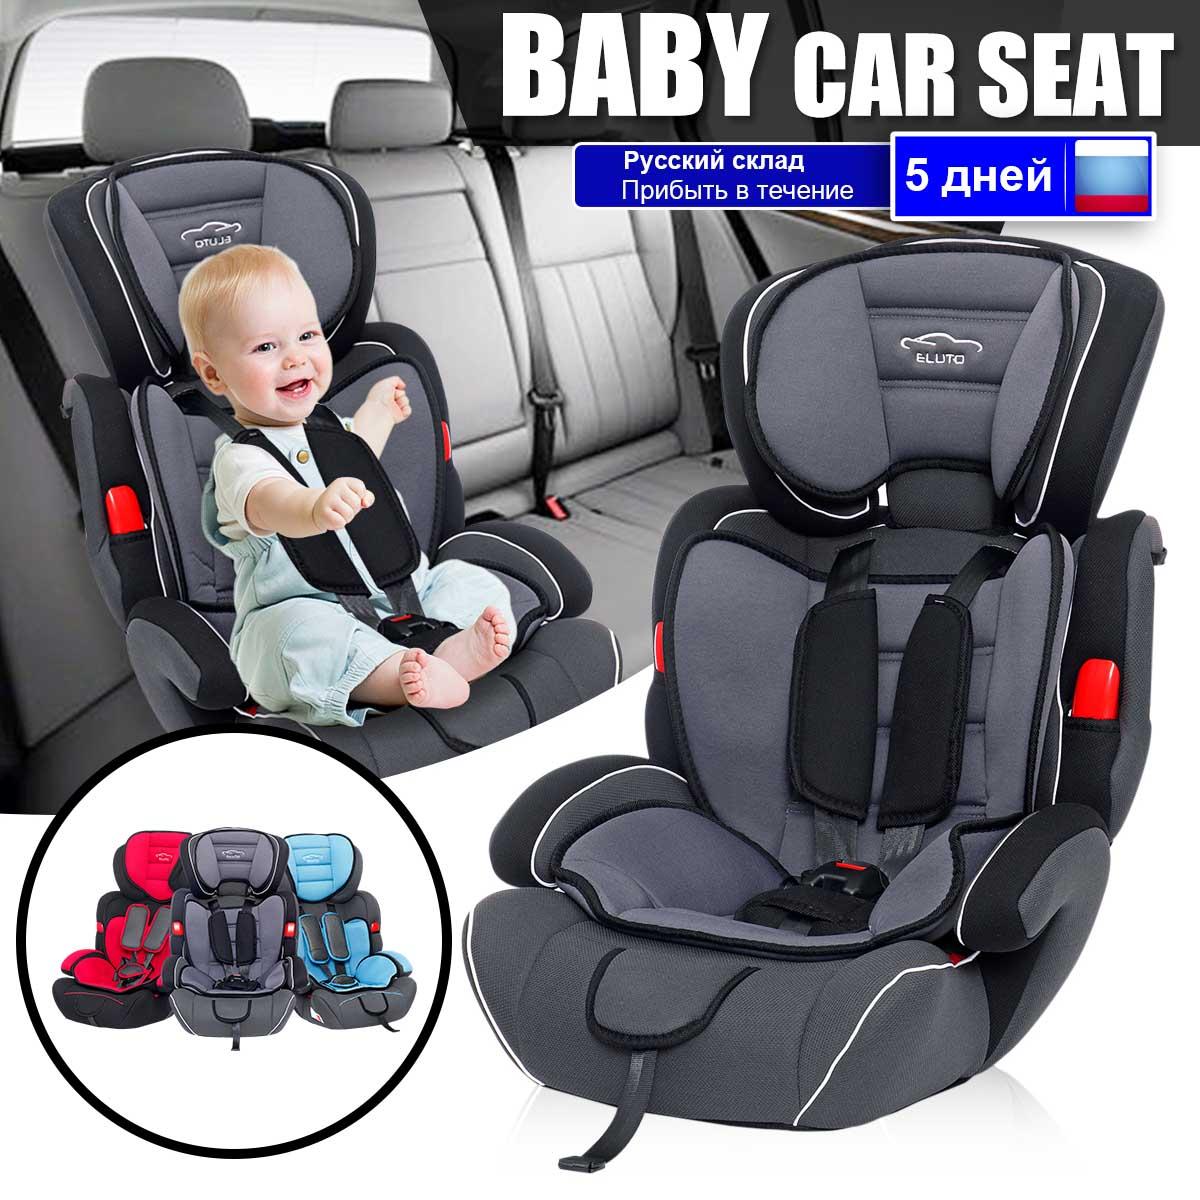 3 couleurs siège auto bébé siège sécurité enfants sièges enfant pour 9-36KG groupe 1/2/3 cinq points harnais bébé rehausseurs 9months-12years